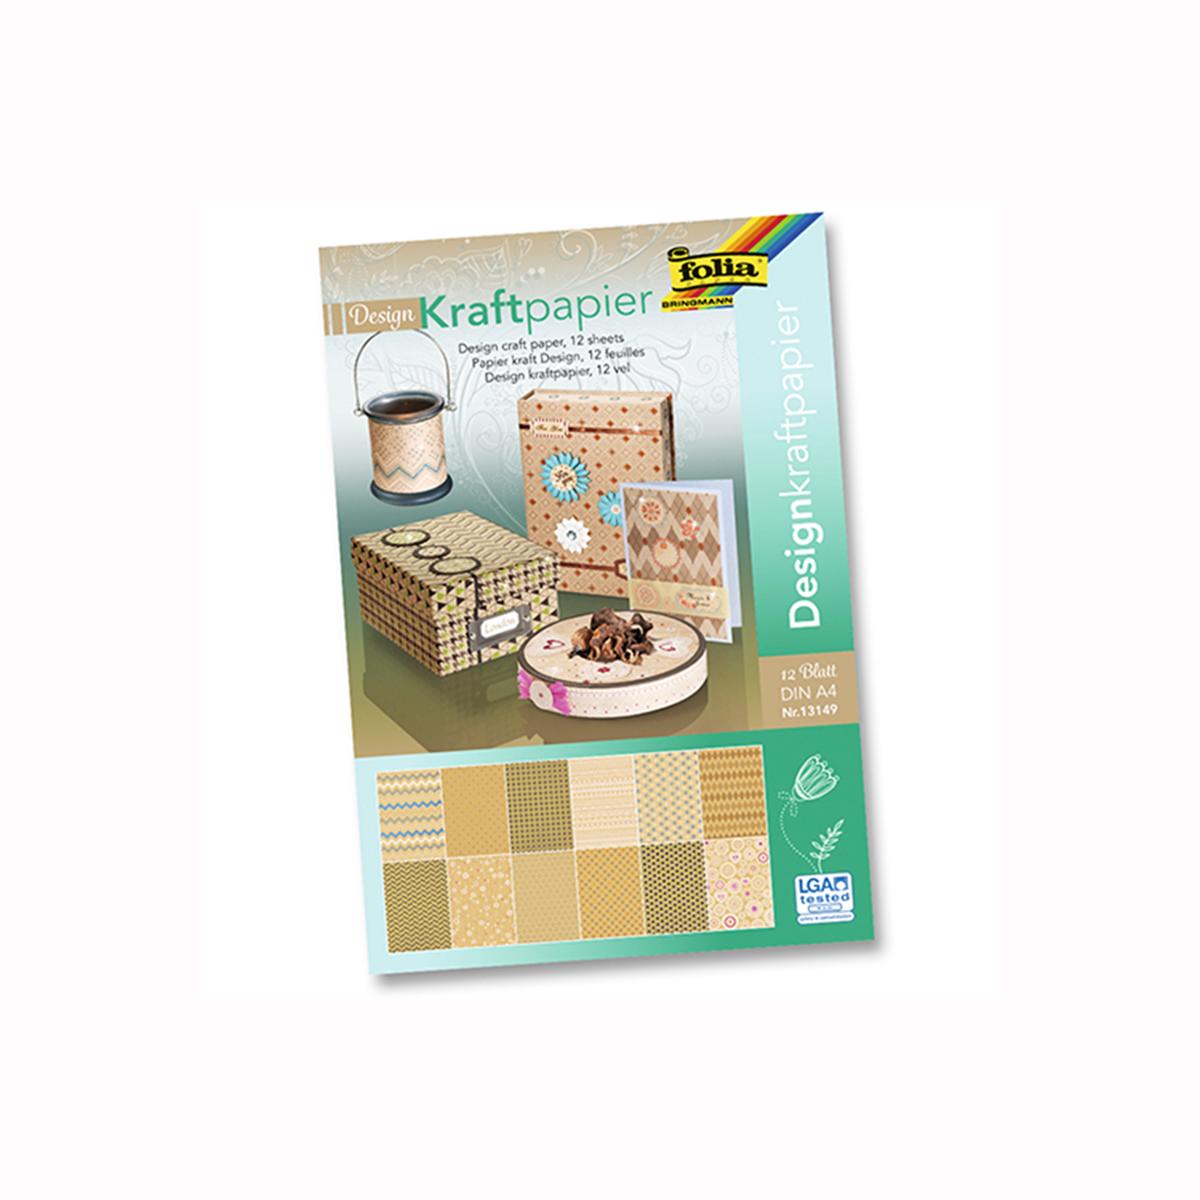 Набор крафт картона  Folia , с глиттером, A4, 12 листов -  Бумага и бумажная продукция